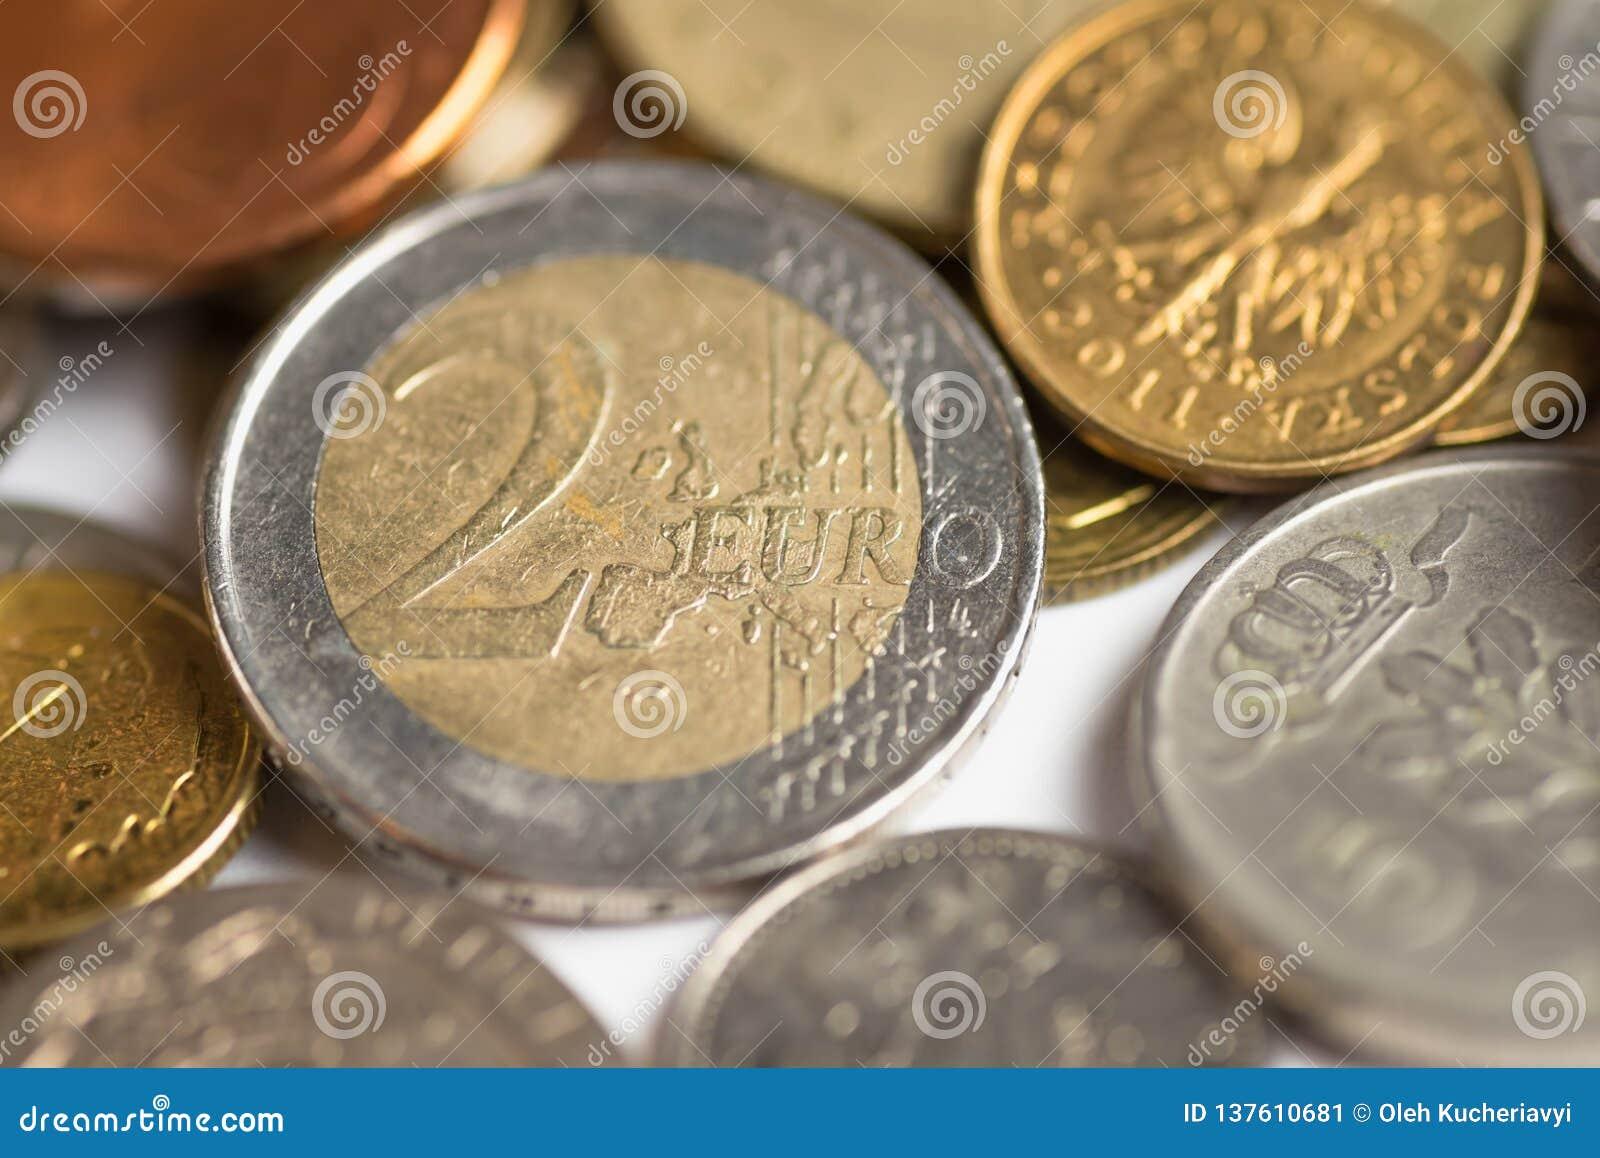 Bakgrund av myntpengar